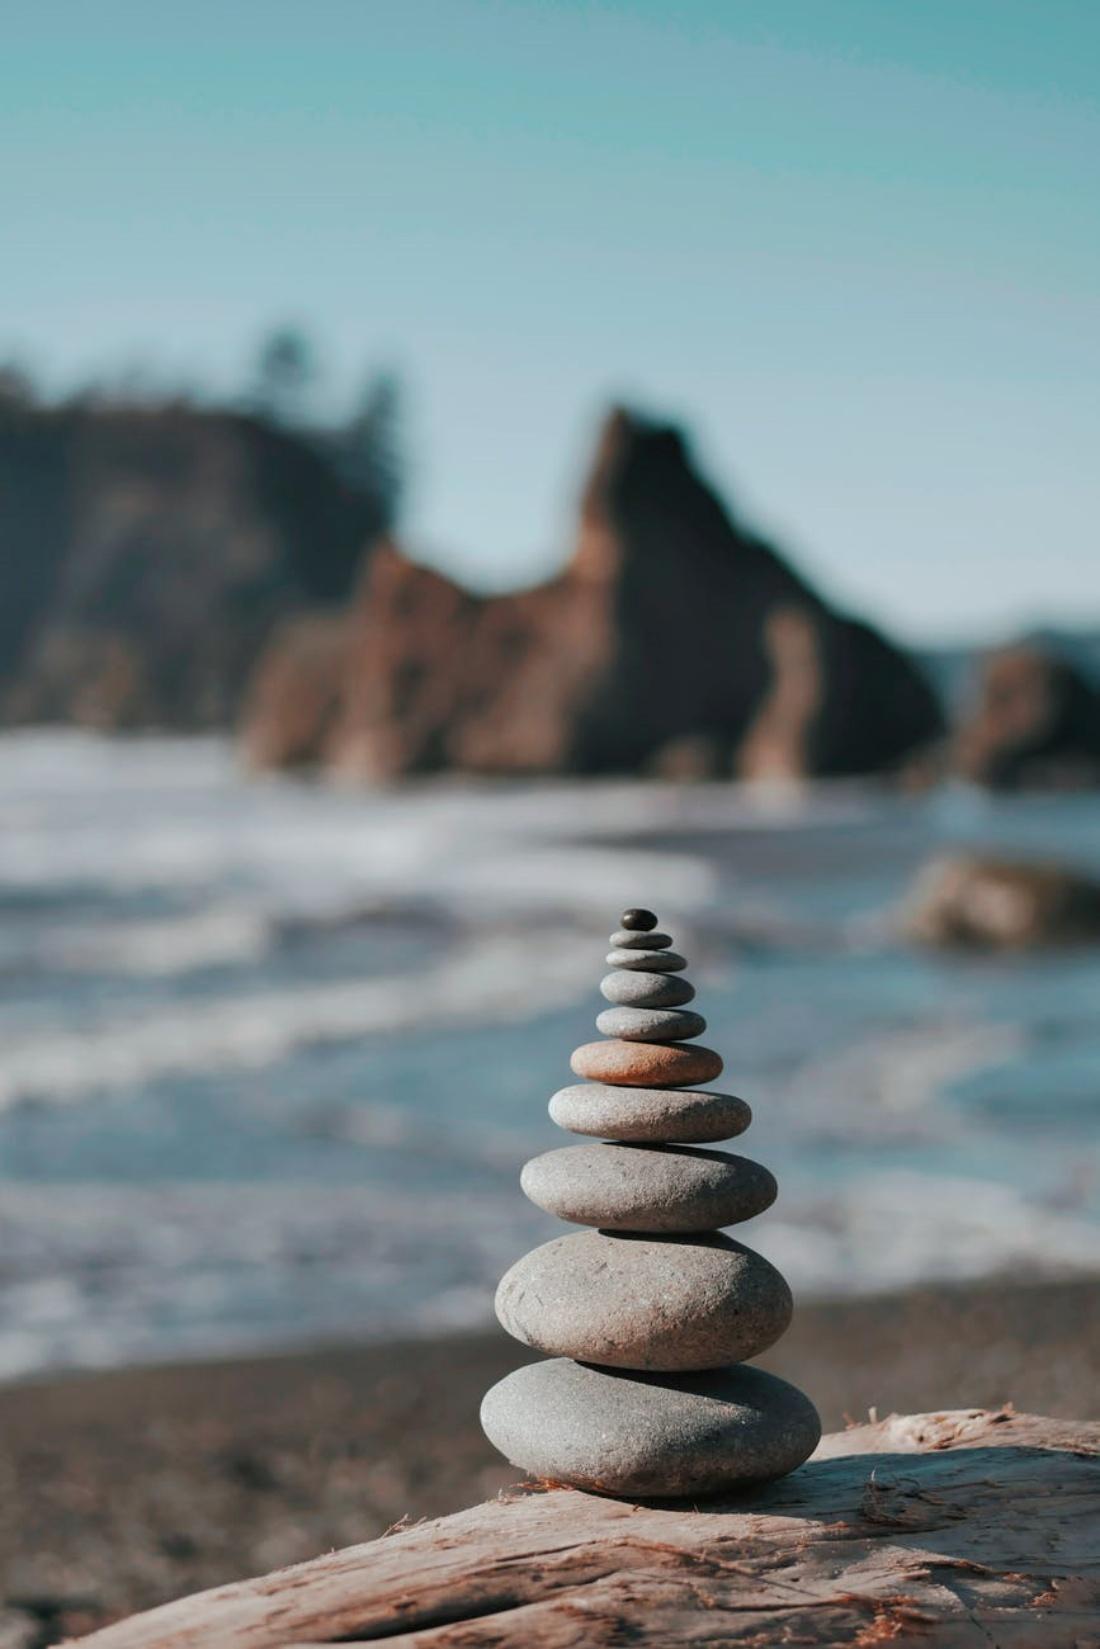 Bienvenidos a la era del Mindfulness